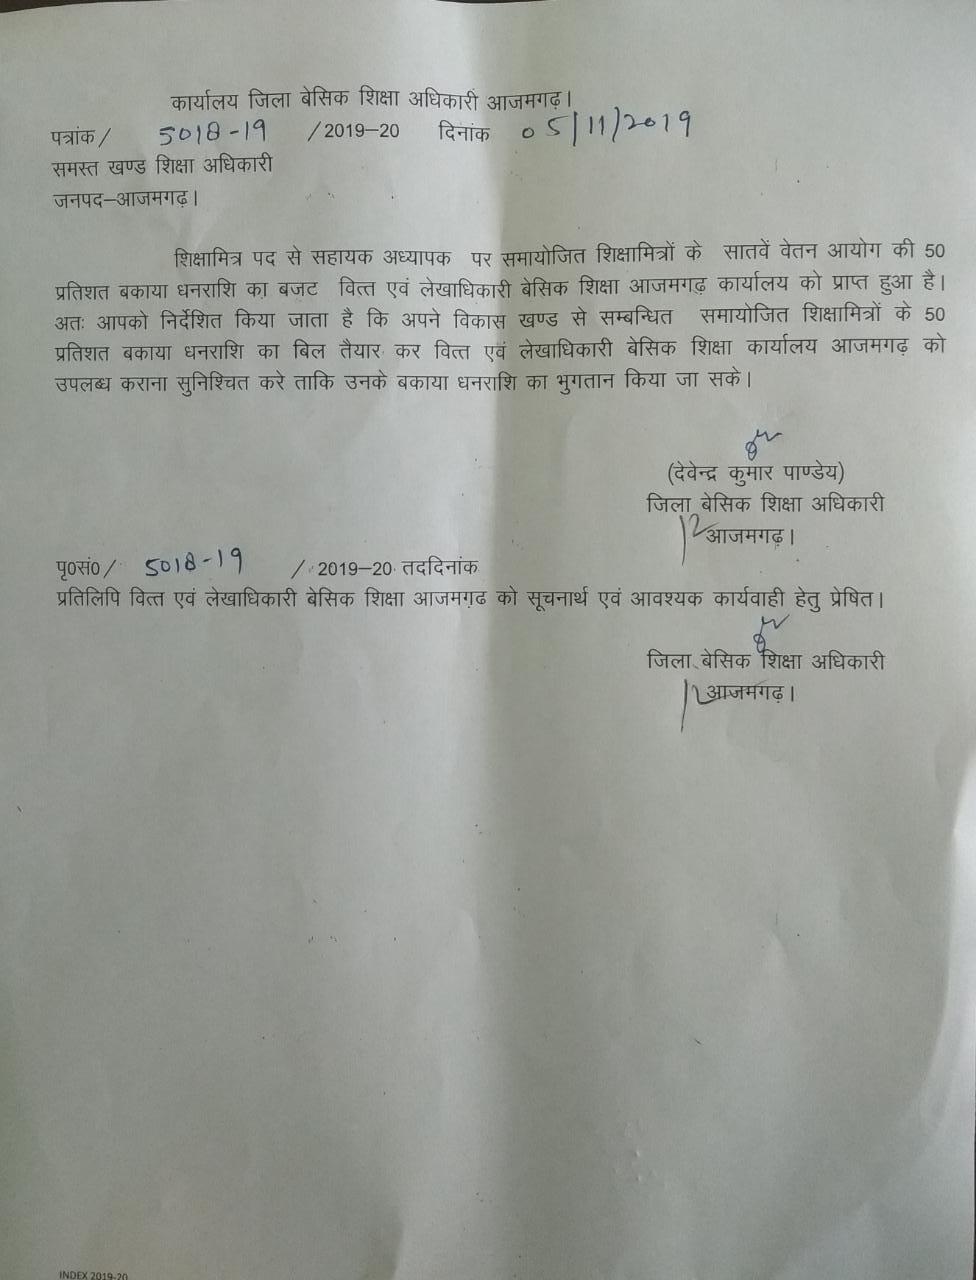 शिक्षामित्रों को सातवें वेतन का अवशेष देने के संबंध में आदेश जारी